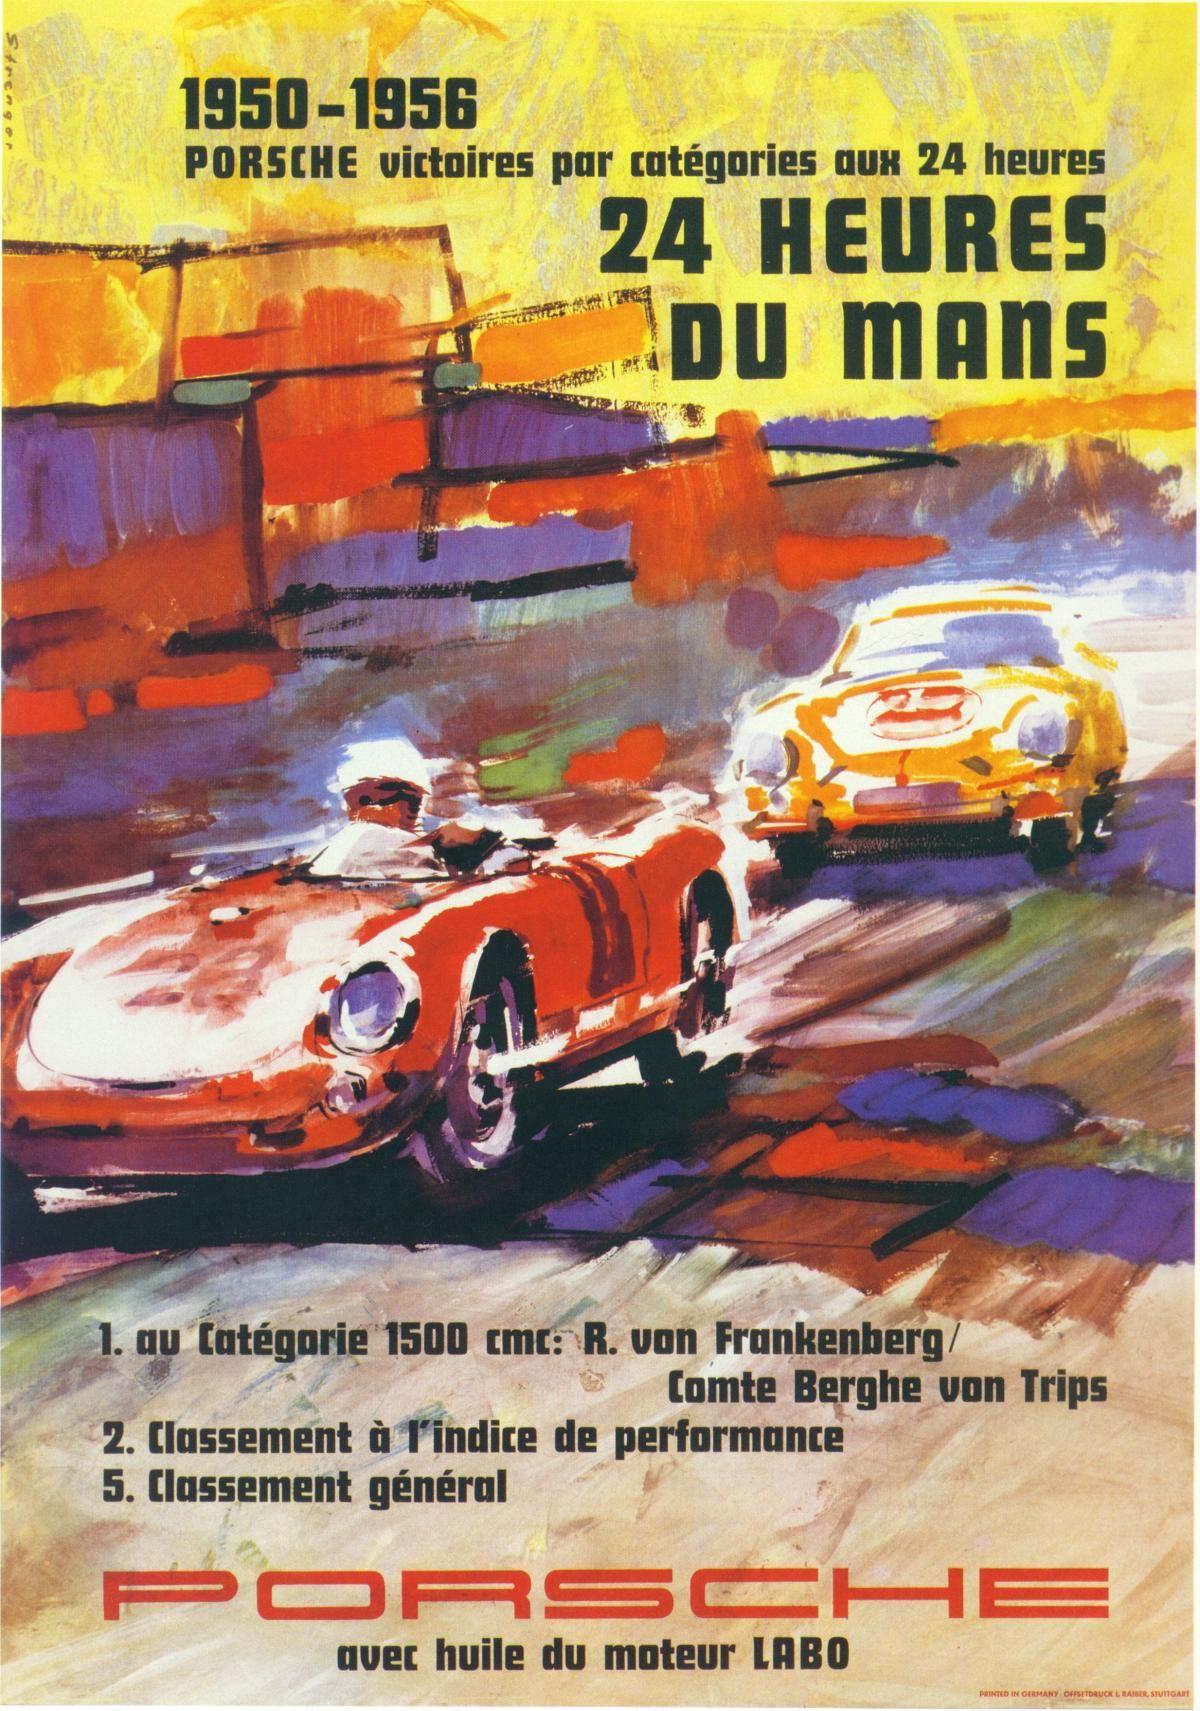 24 heures du mans 1950 1956 24h pinterest automobile le mans et voiture. Black Bedroom Furniture Sets. Home Design Ideas